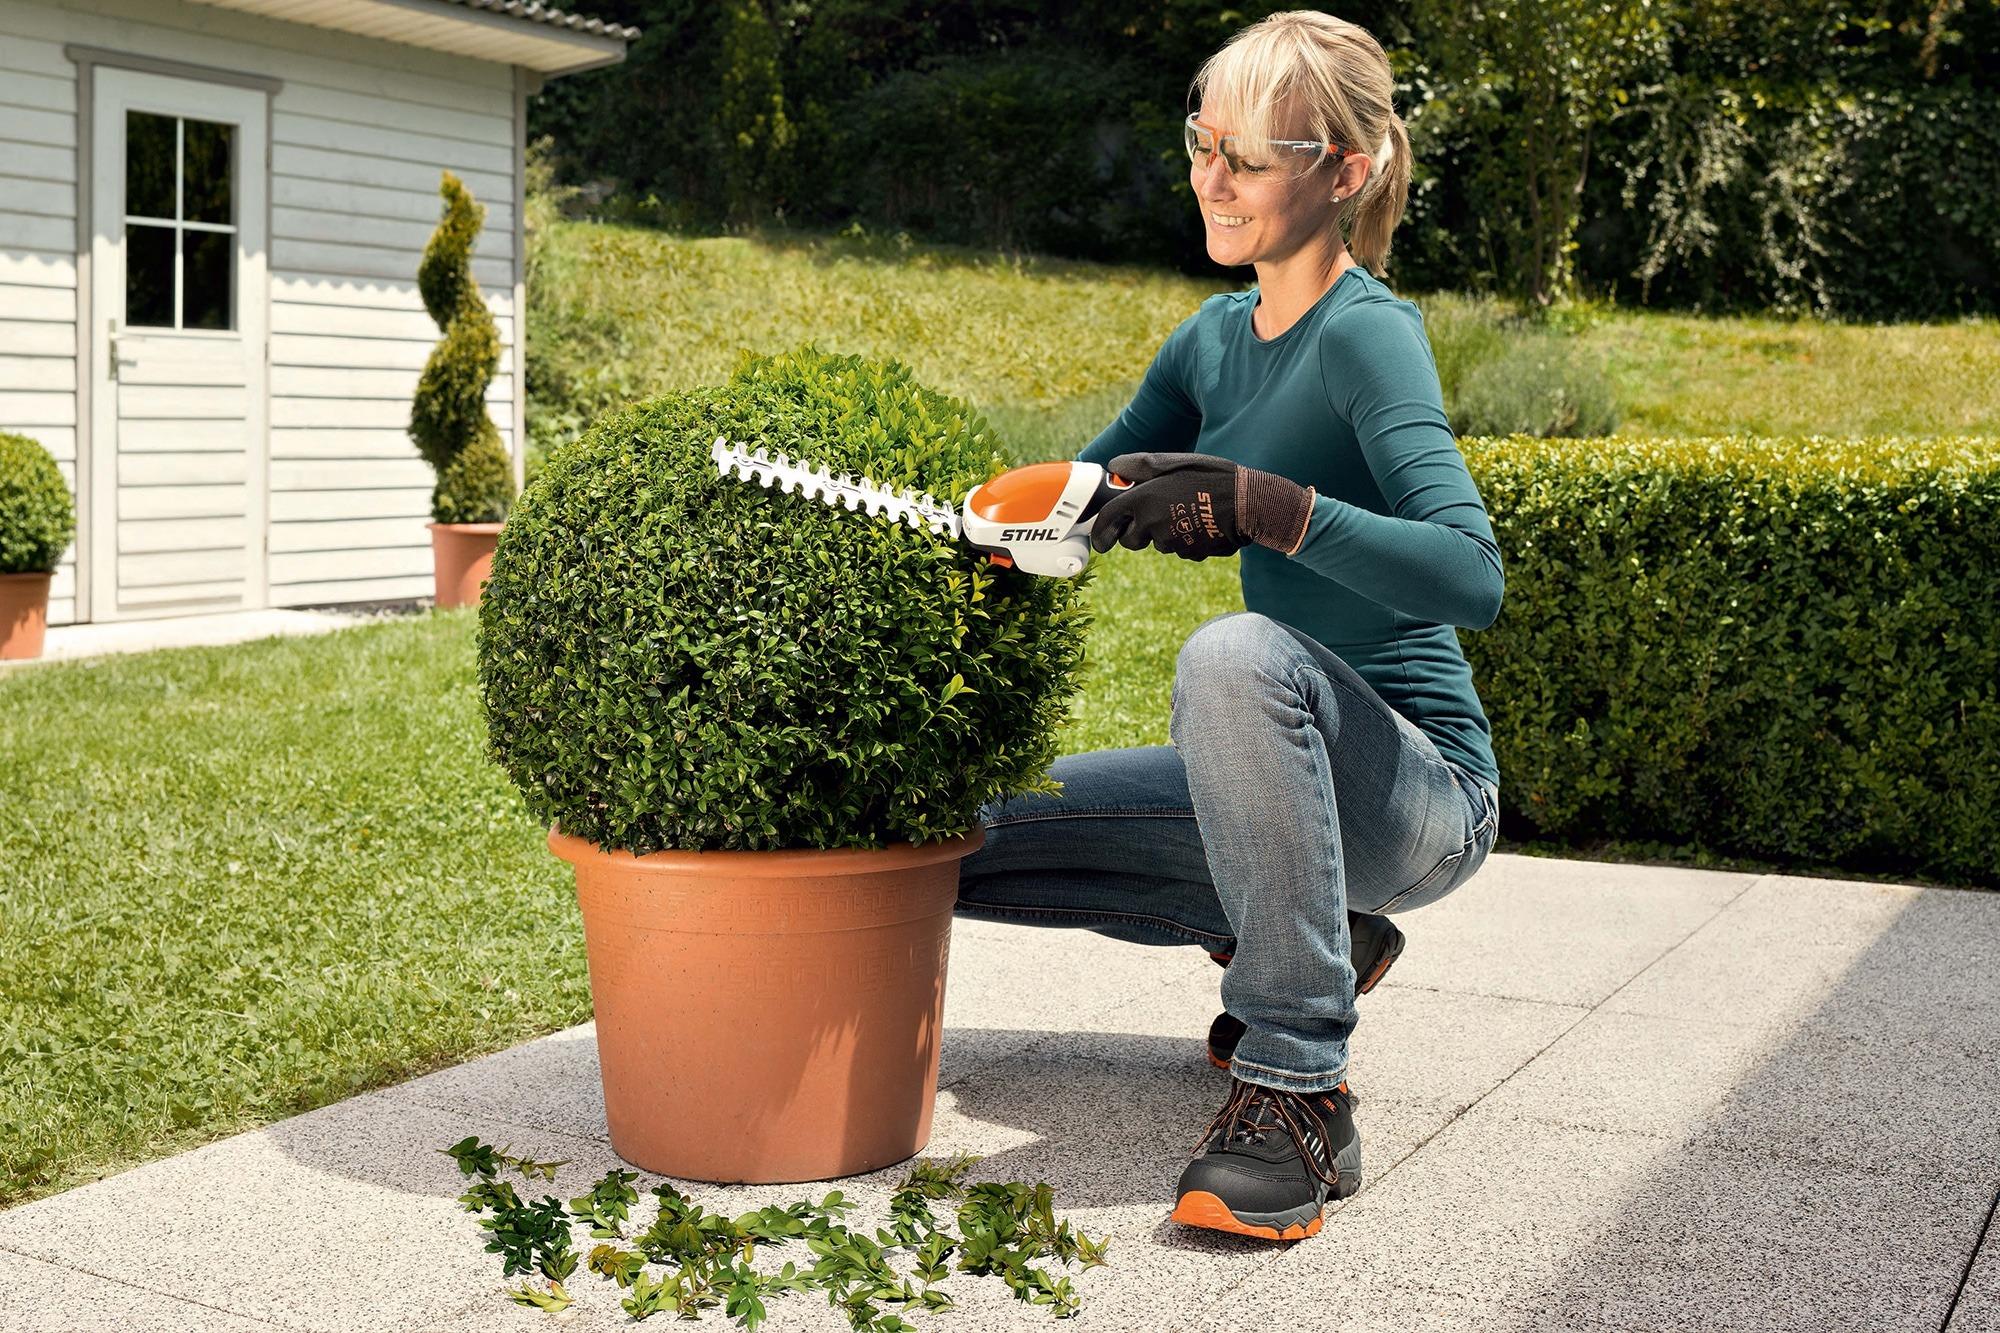 Vente achat location entretien révision de matériels espaces verts Stihl chez NOVA. 12 agences dans le sud-est en région PACA - Aix - Arles - Nîmes - Avignon. Département 13-30-84-26-83-04-05-06